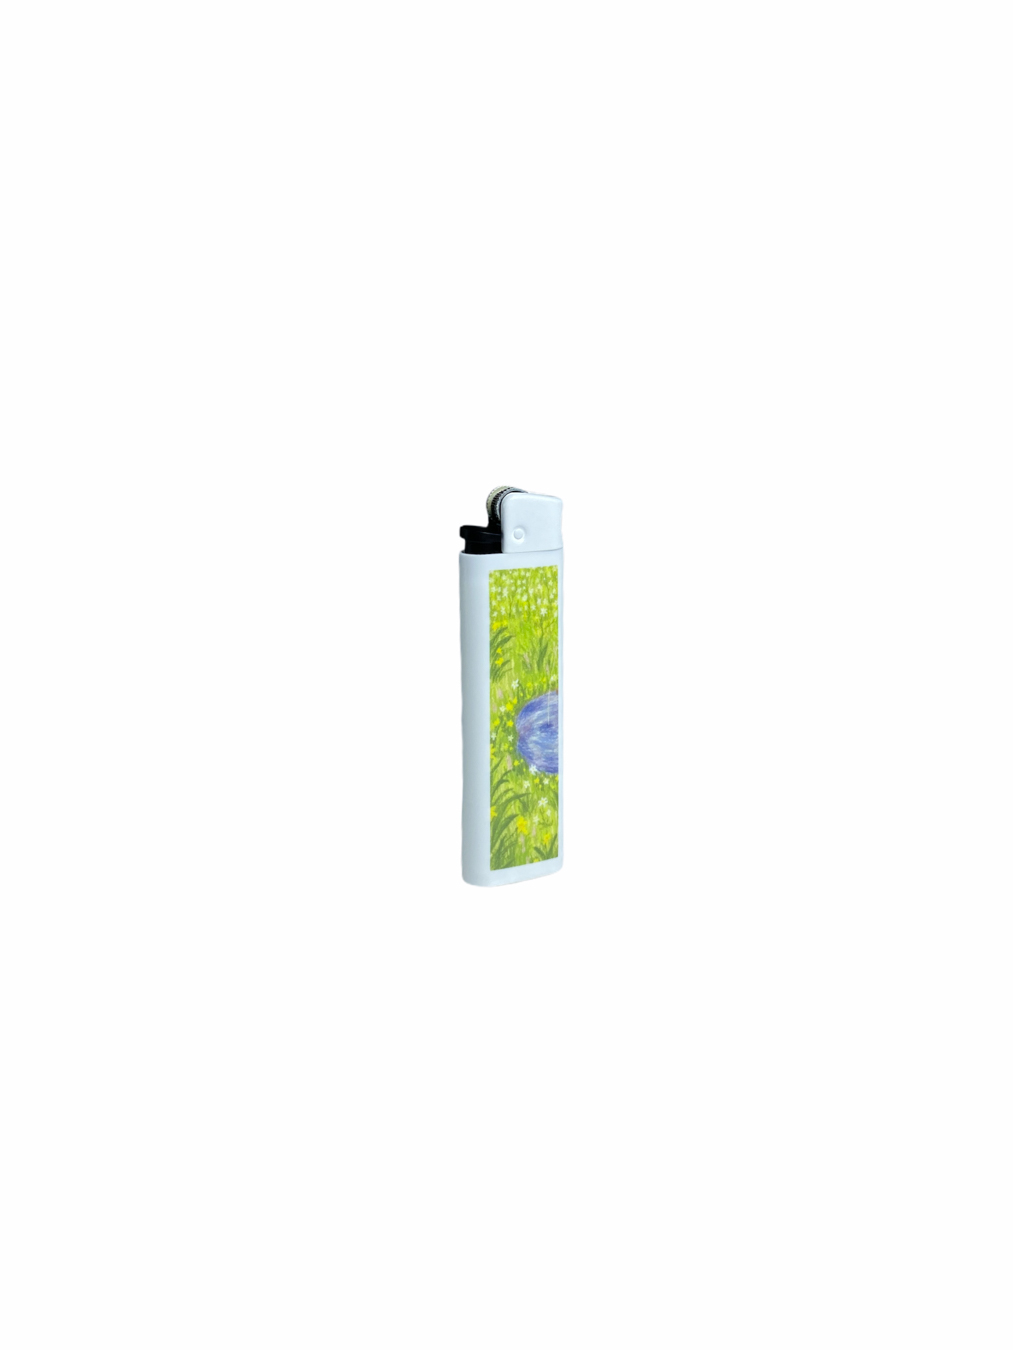 Sneakarette Daffodil Lighter